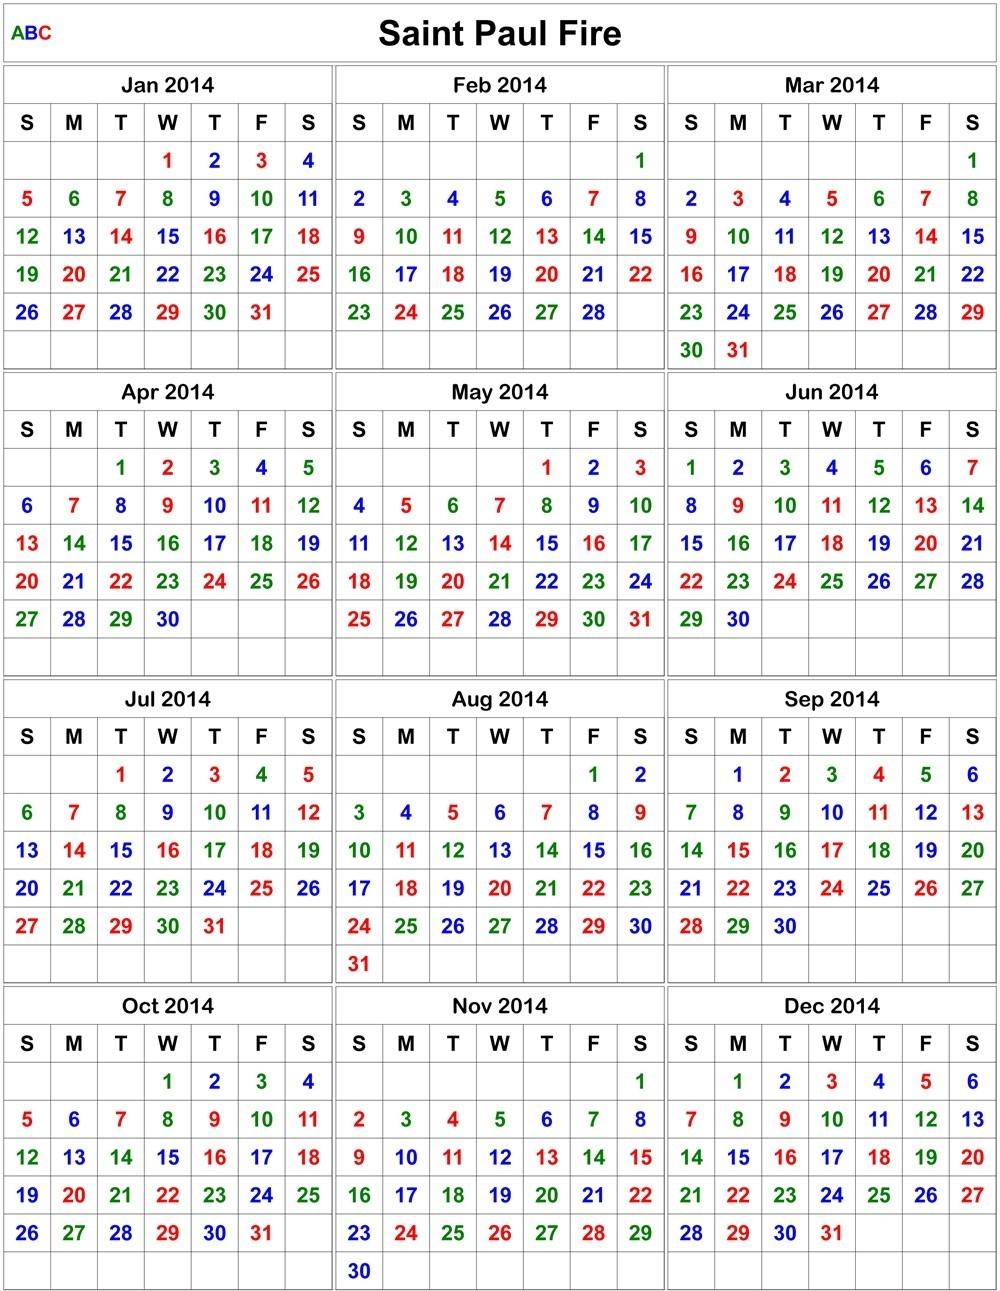 Firefighter Shift Calendar Template | Calendar Template regarding Free Shift Calendar